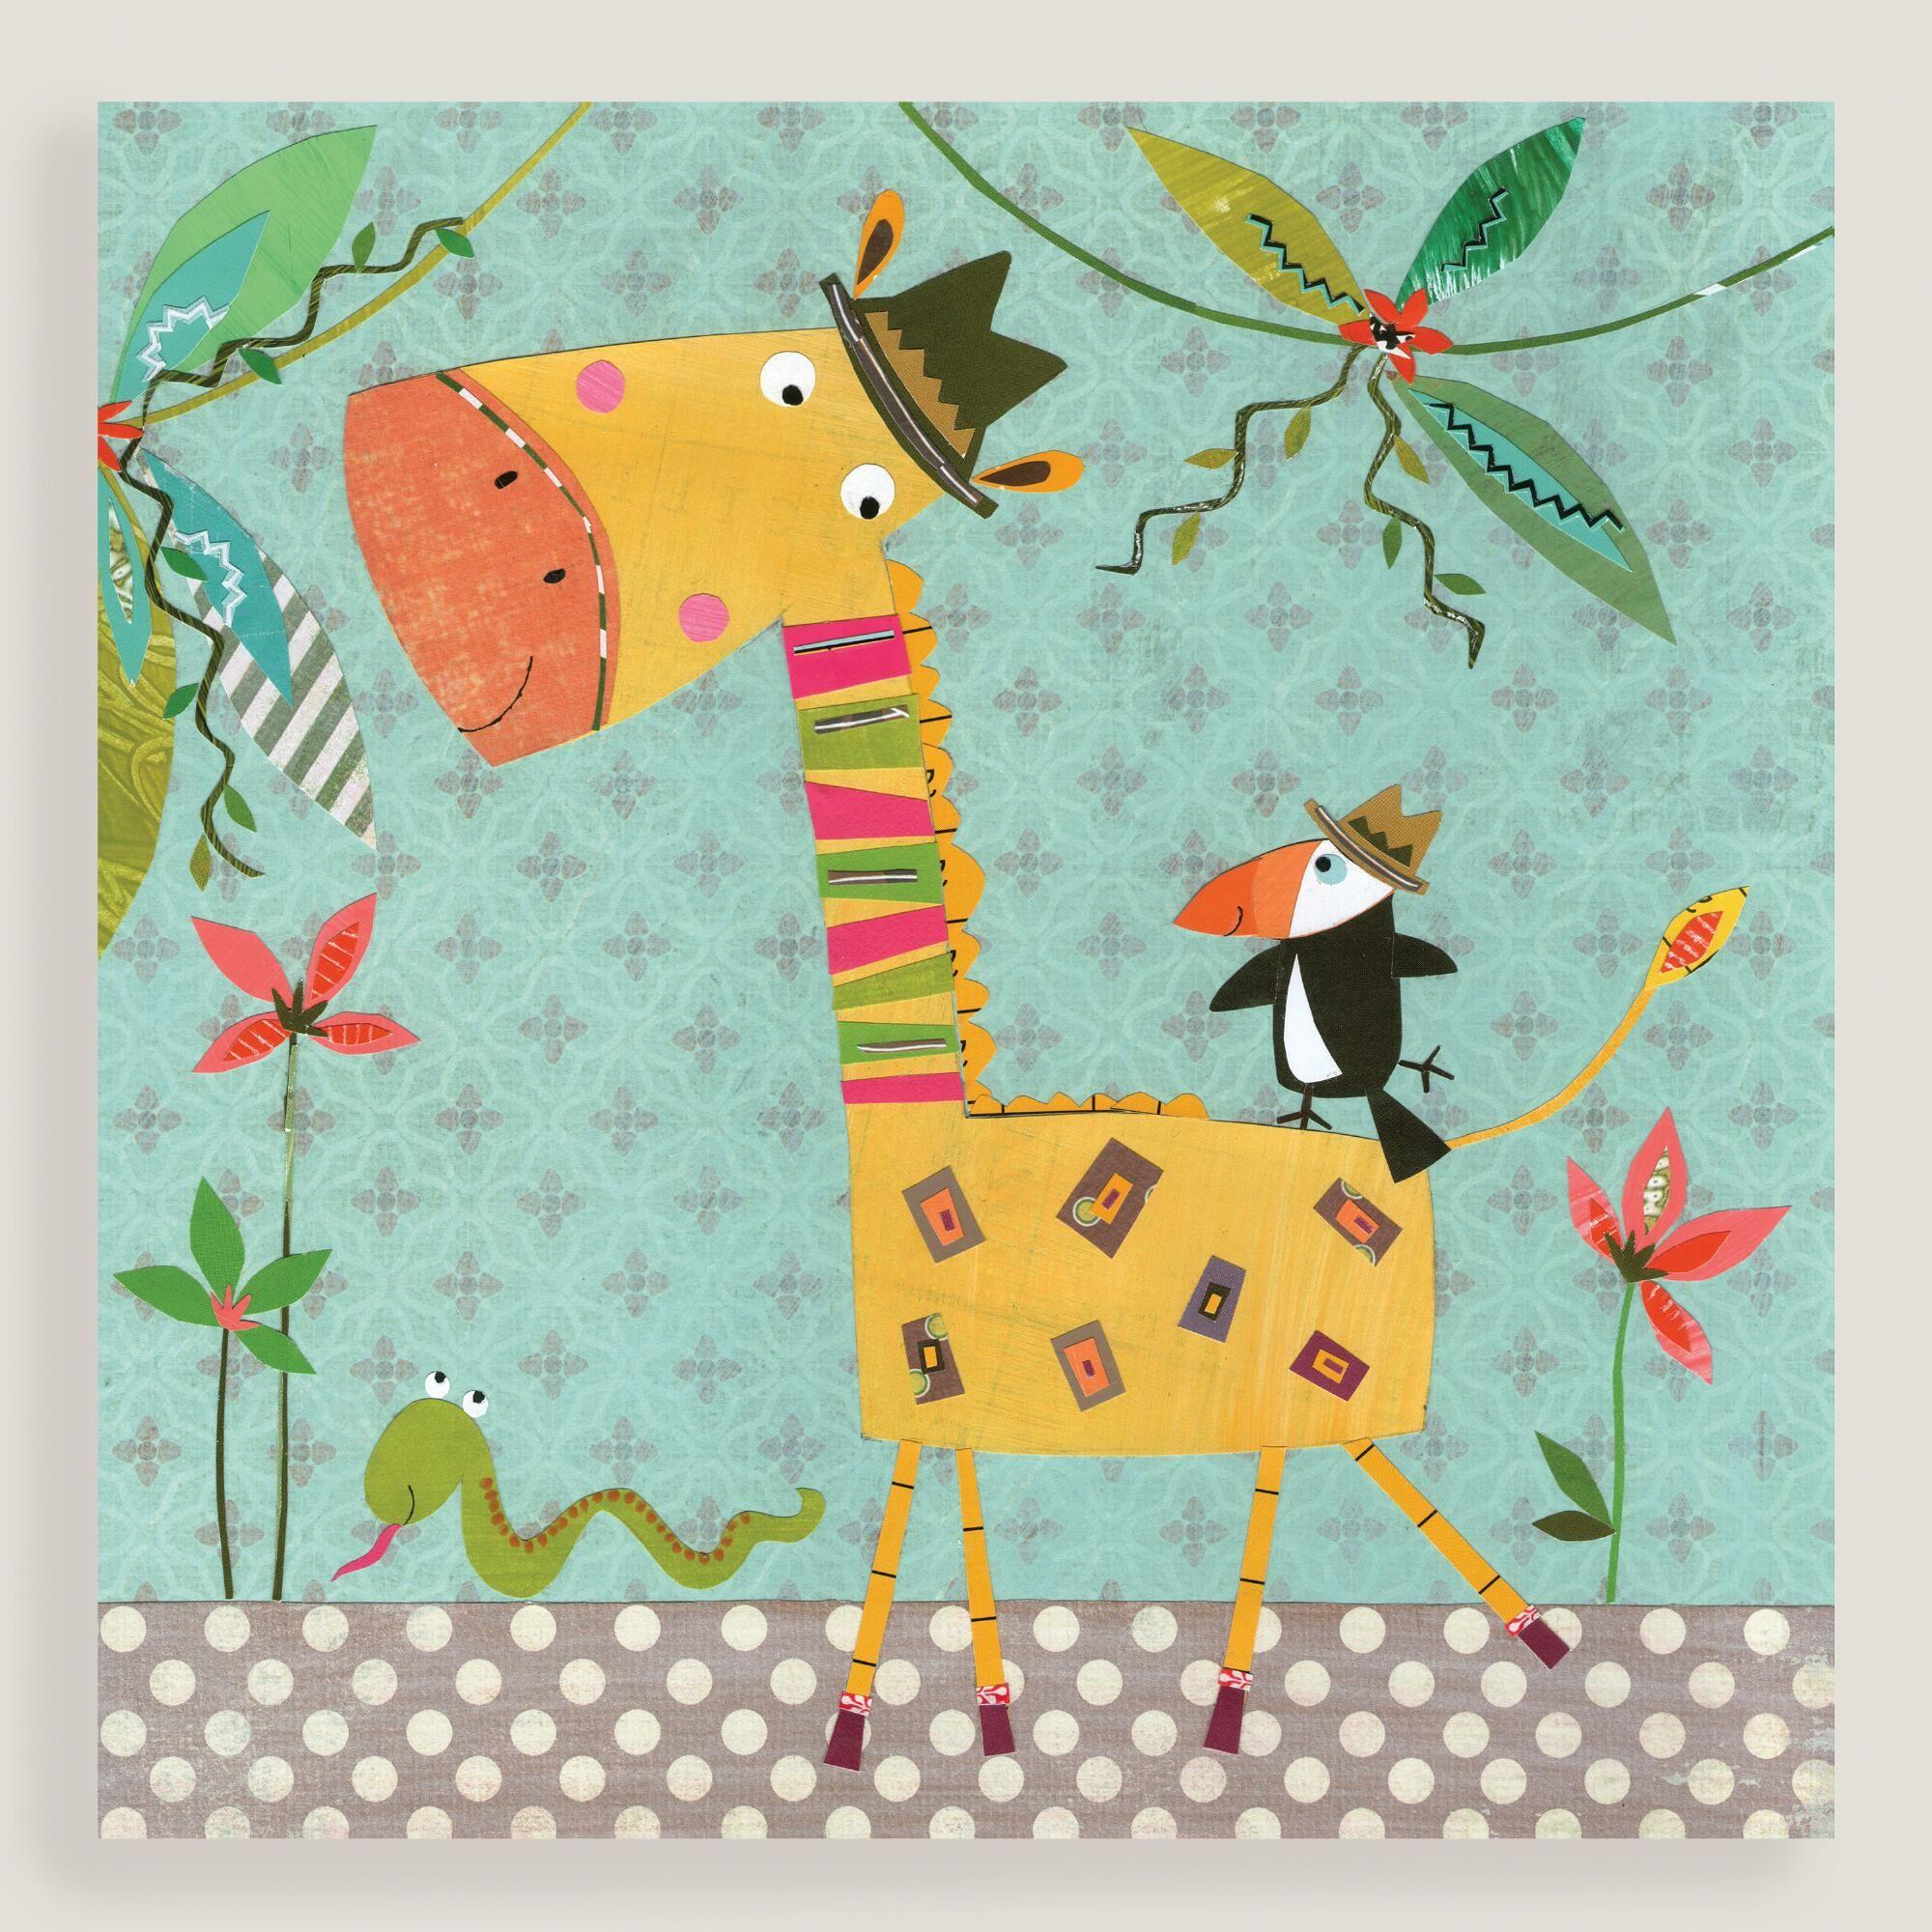 Giraffe and Toucan Wall Art | World Market